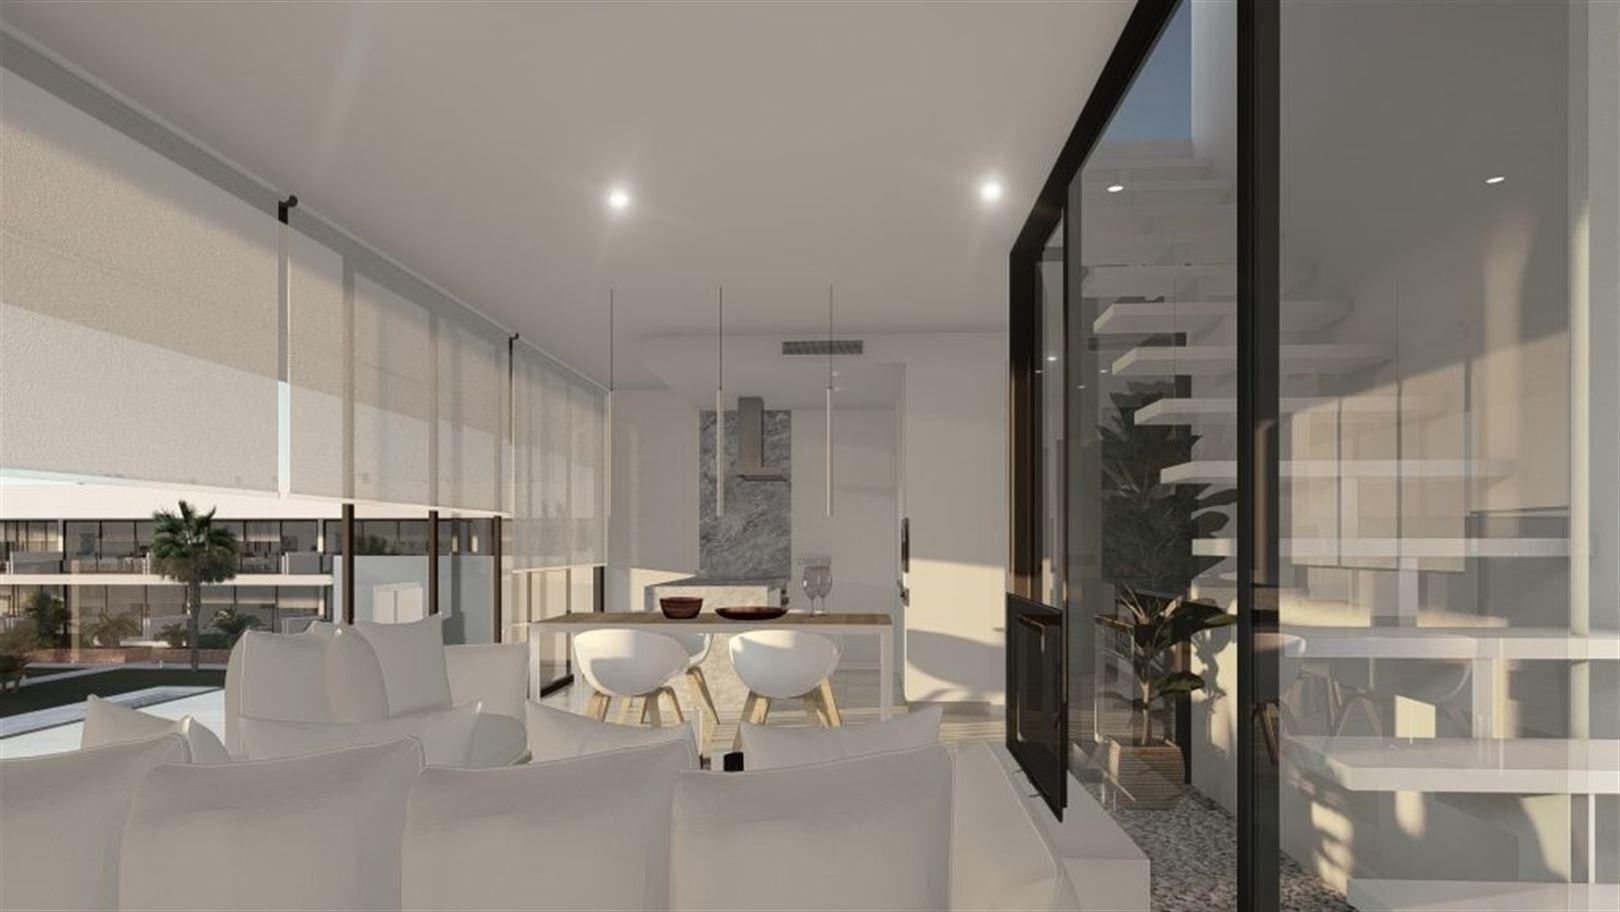 Foto 8 : Appartement te 30384 MURCIA (Spanje) - Prijs Prijs op aanvraag